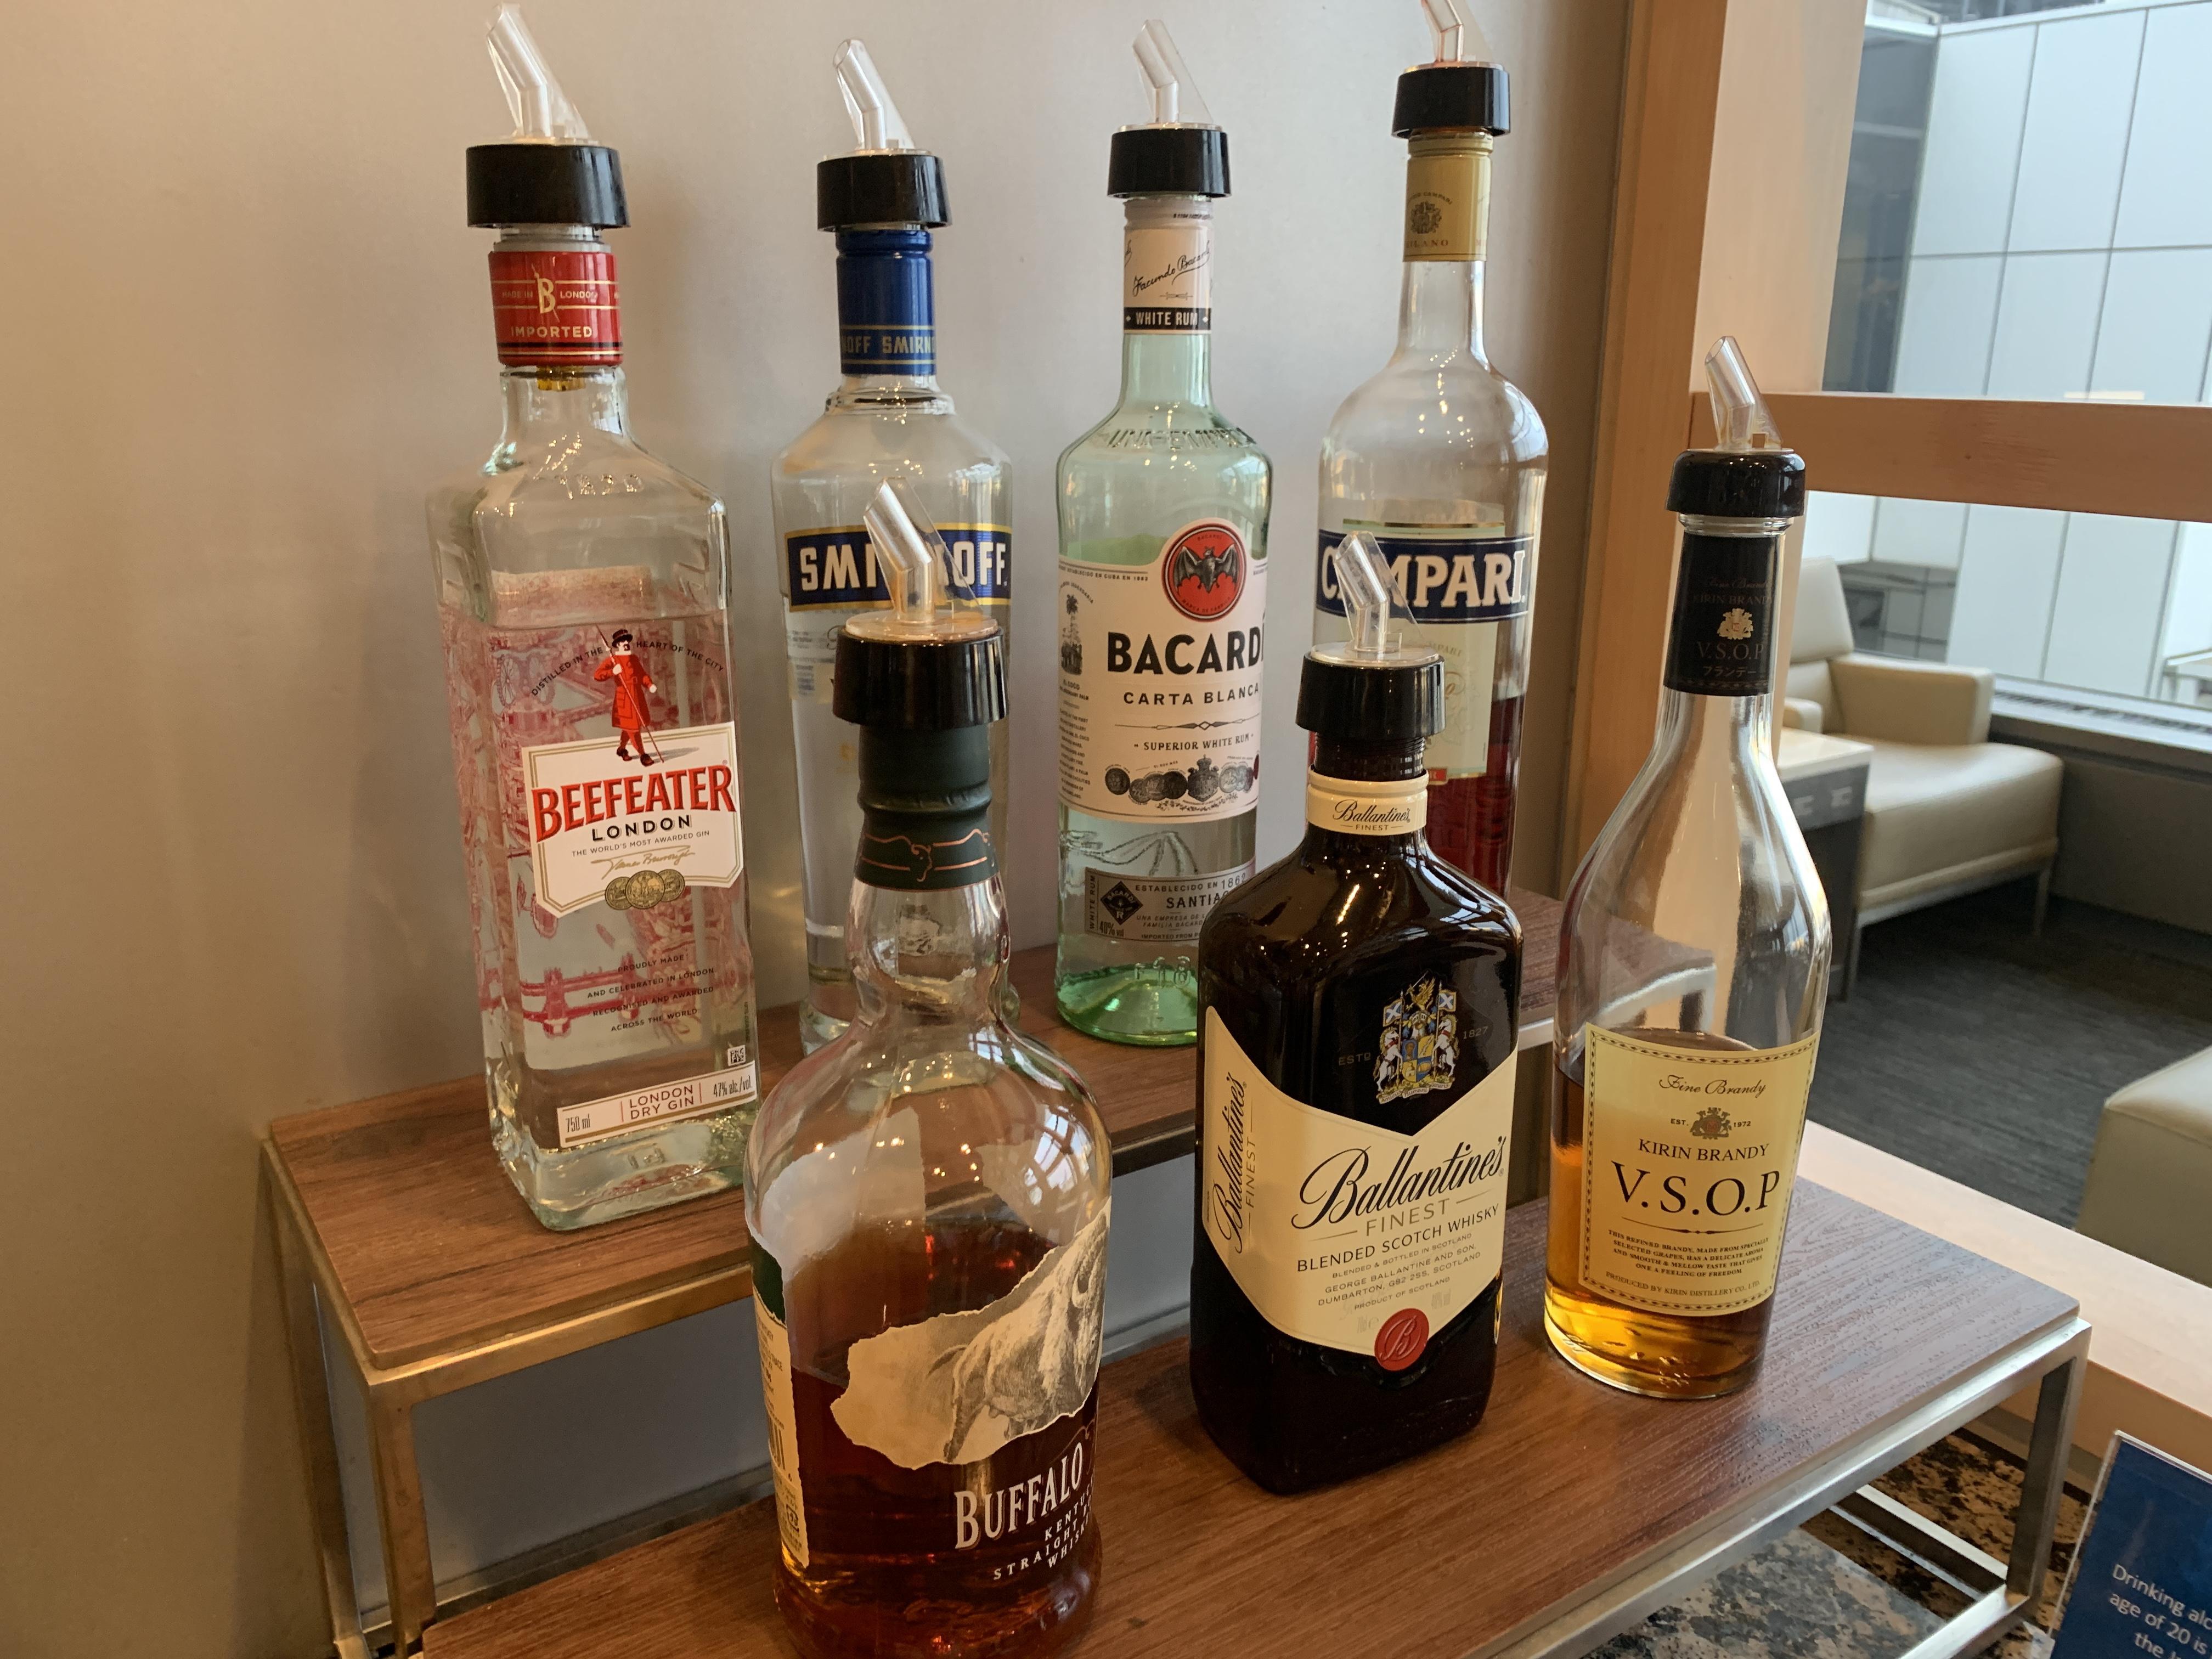 ユナイテッドビジネスクラスアルコール